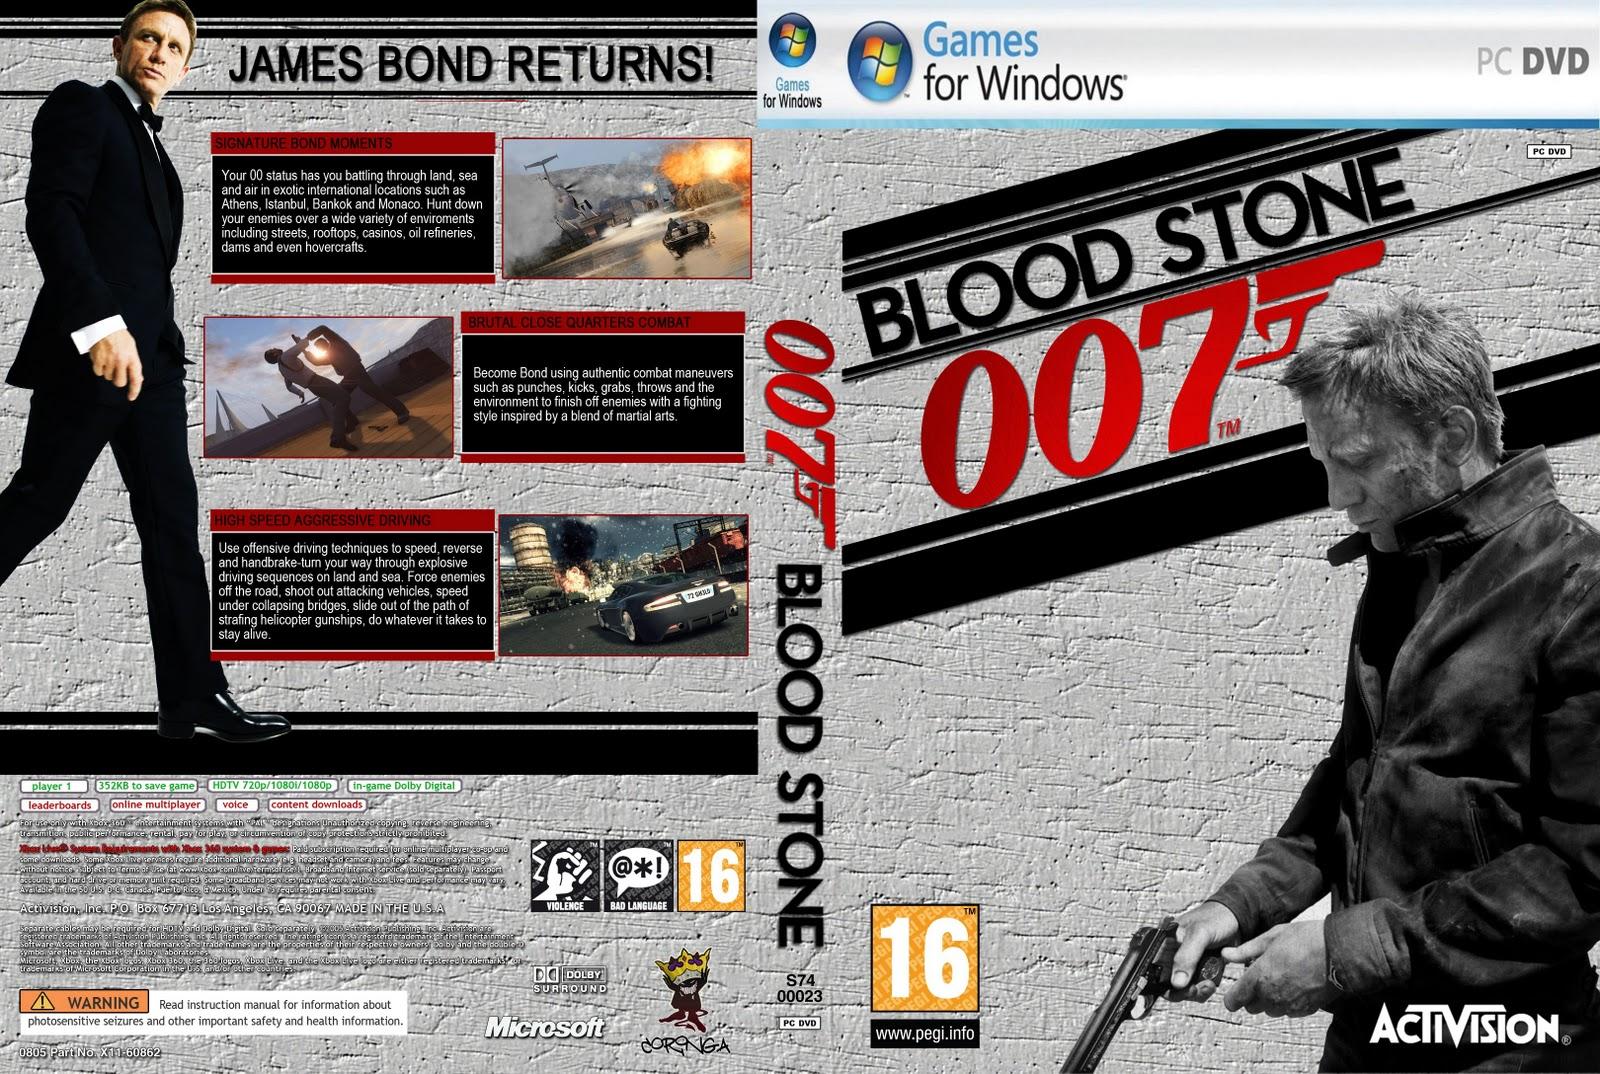 http://4.bp.blogspot.com/-5LbJB0QA_Eo/TVQ4Pi7Ok_I/AAAAAAAAJz8/LJU1J4Cmsdc/s1600/james_bond_007_blood_stone_2010_pc_dvd-box.jpg